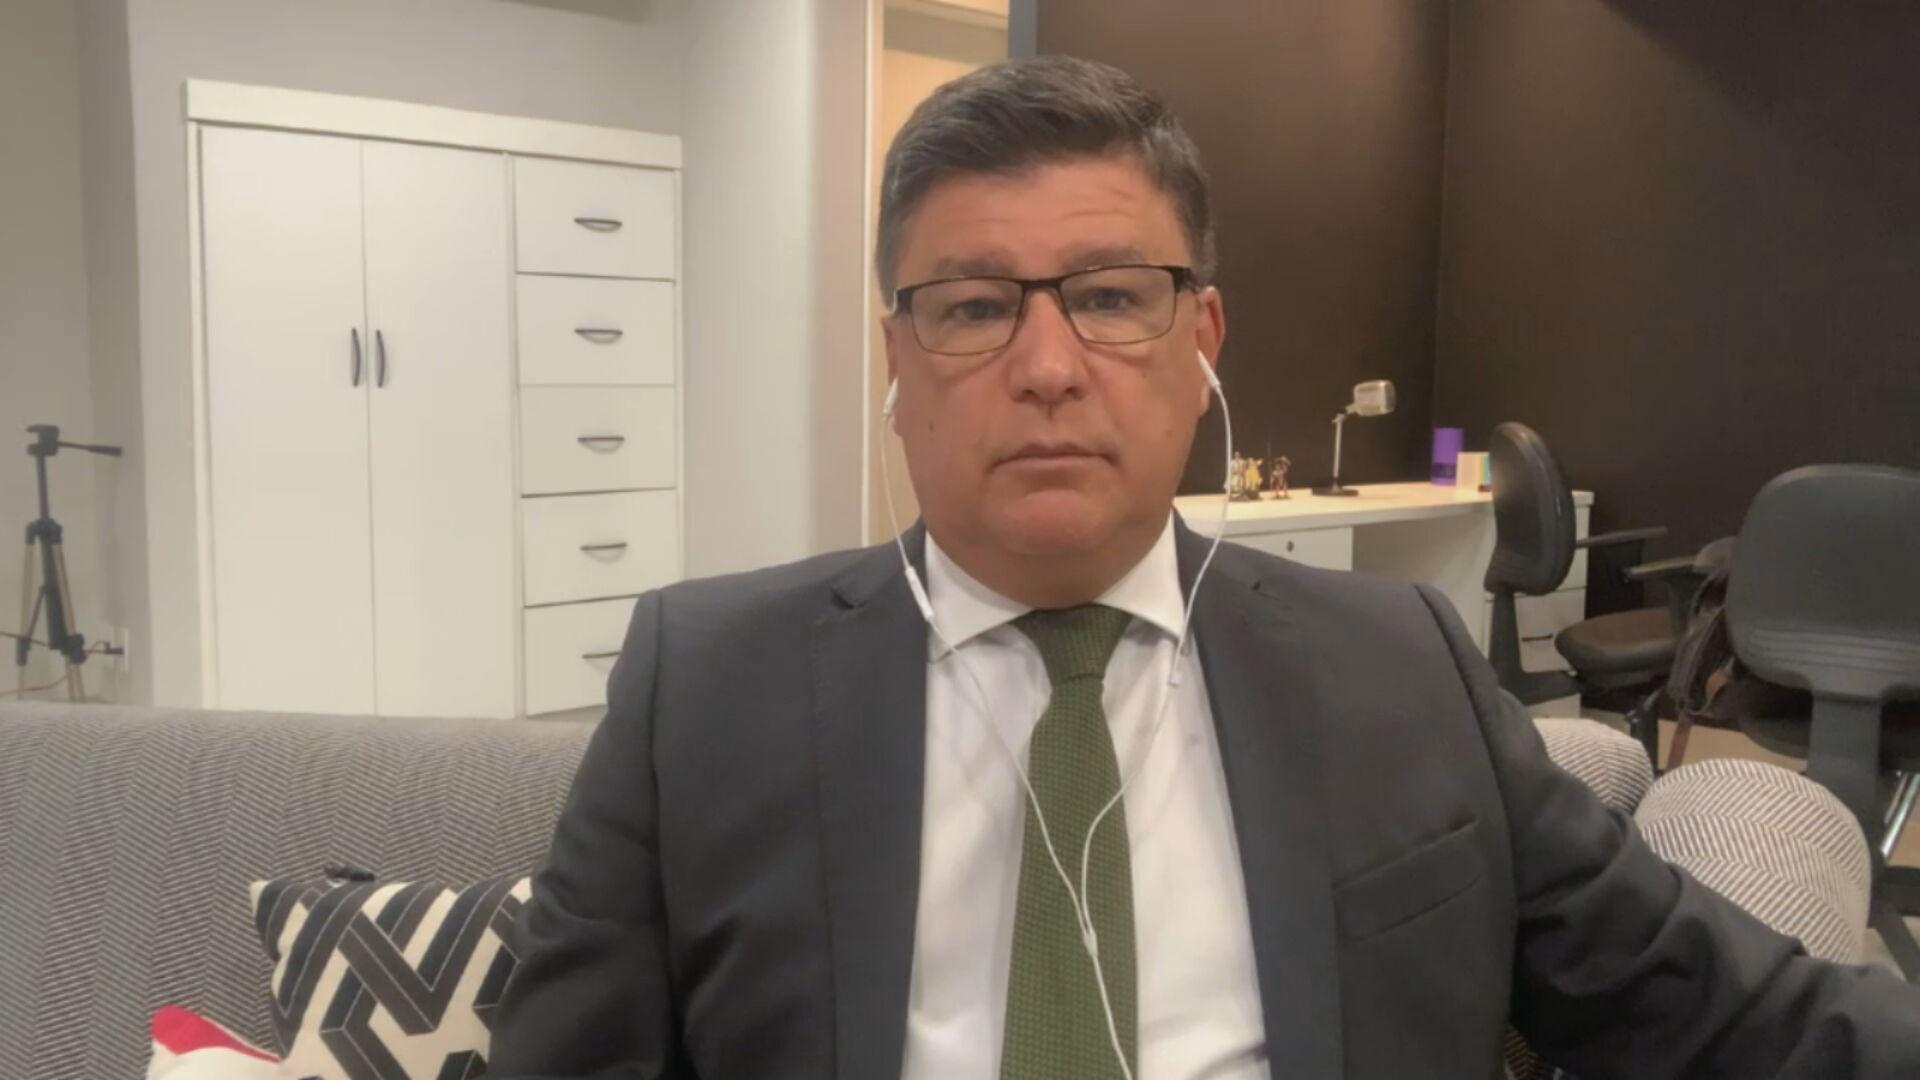 O senador Carlos Viana (PSD-MG) conversou com a CNN sobre a CPI da Pandemia